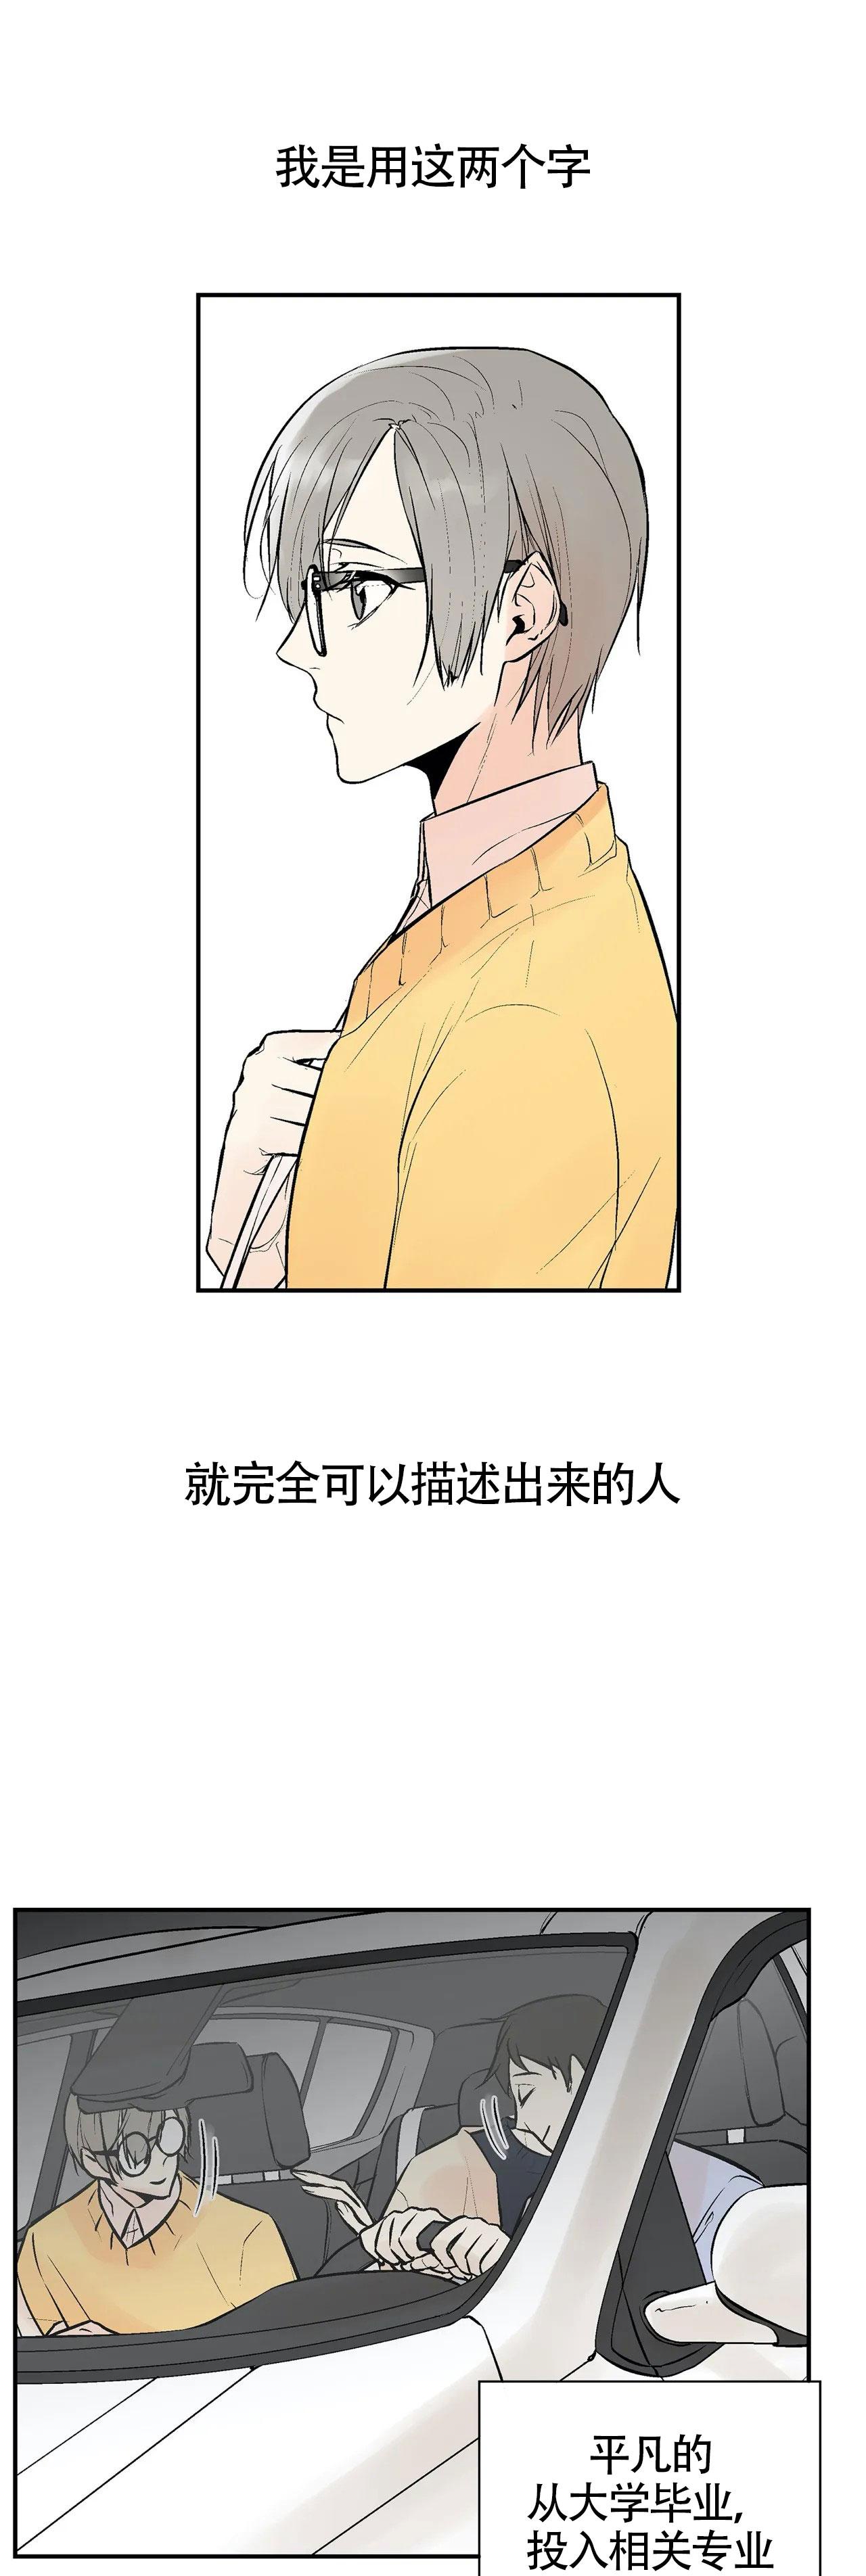 《避风港》漫画完整版 全文免费阅读避风港BL漫画